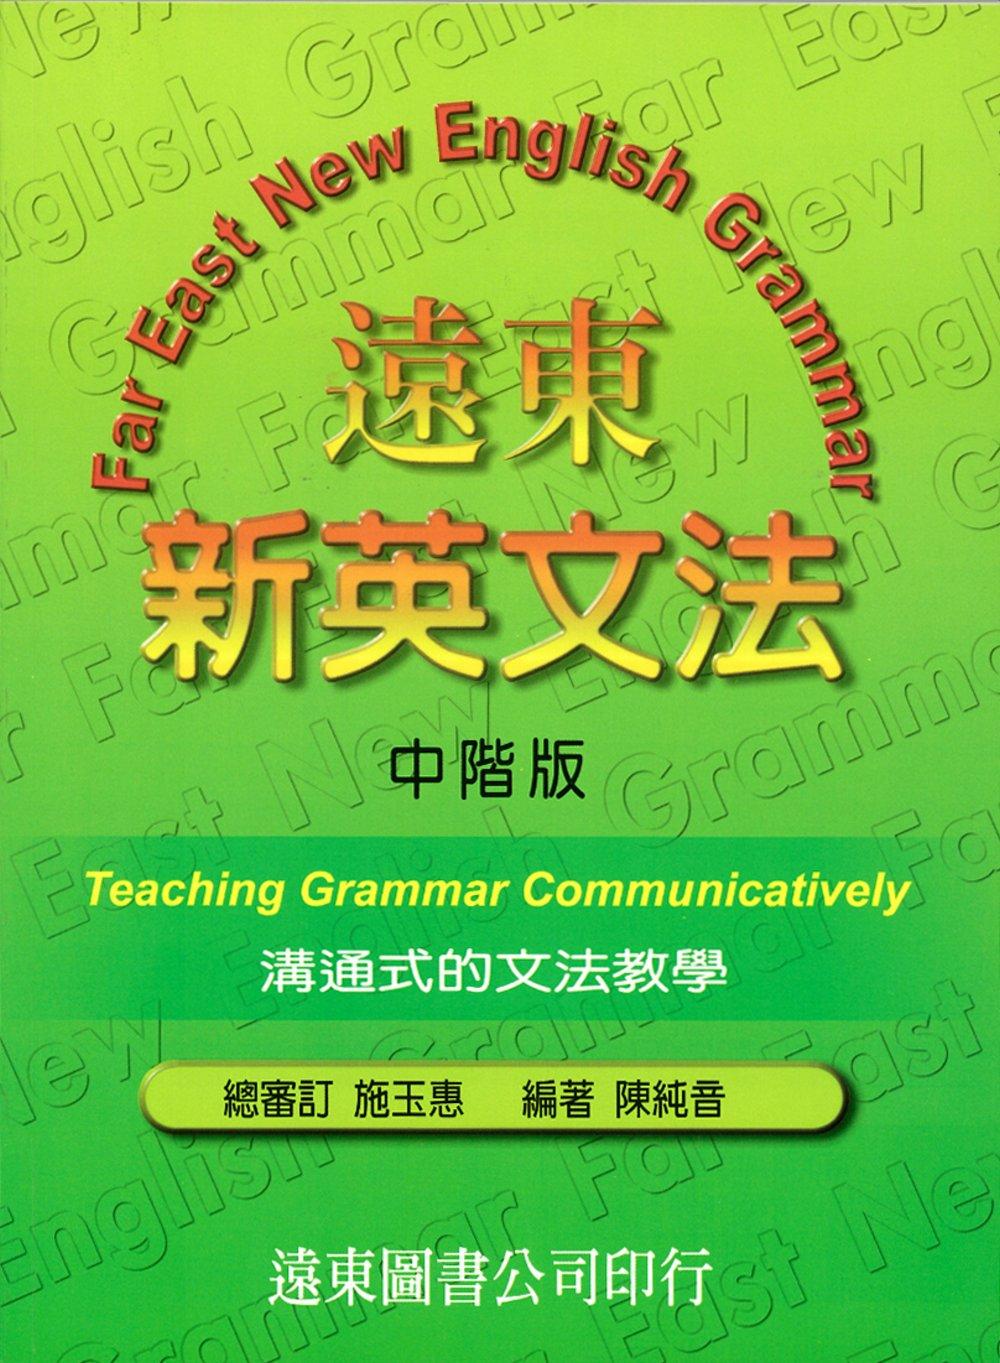 遠東新英文法:溝通式的文法教學(中階版)